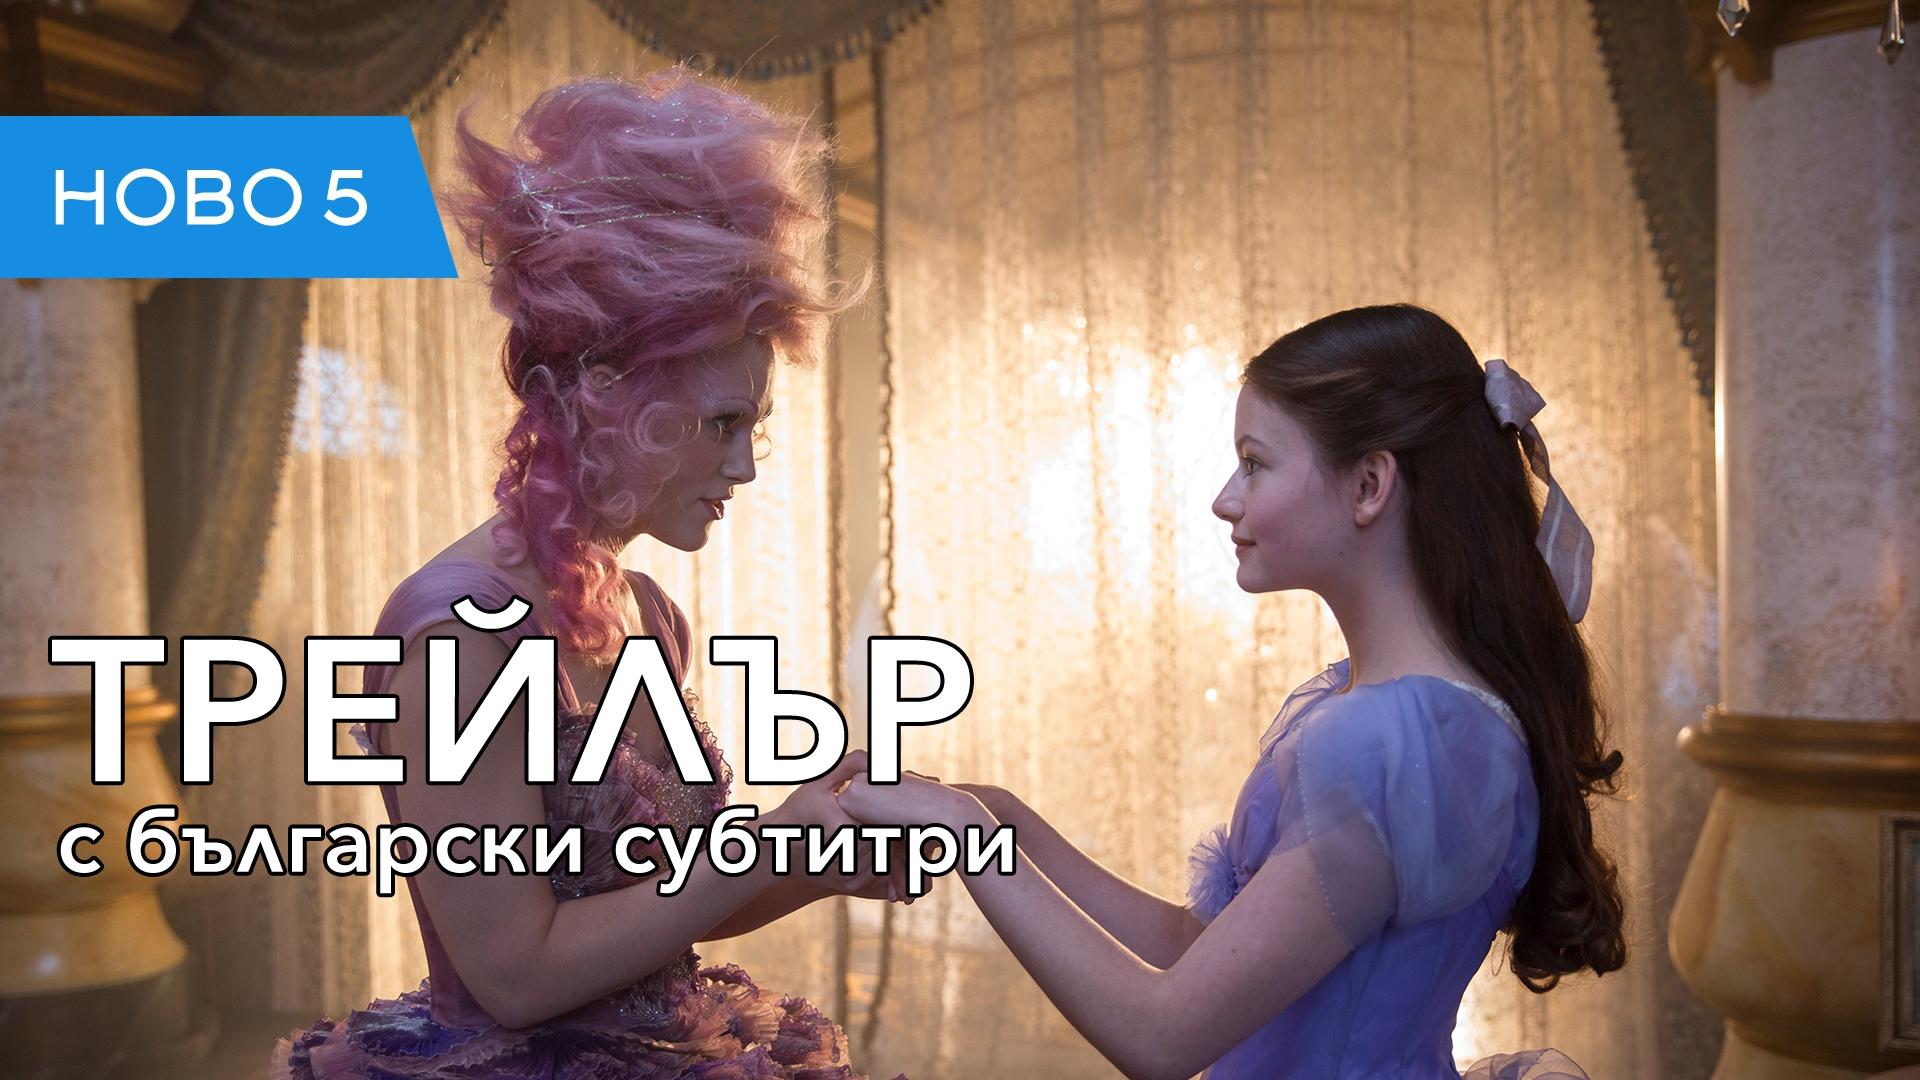 Лешникотрошачката и четирите кралства (2018) втори трейлър с български субтитри